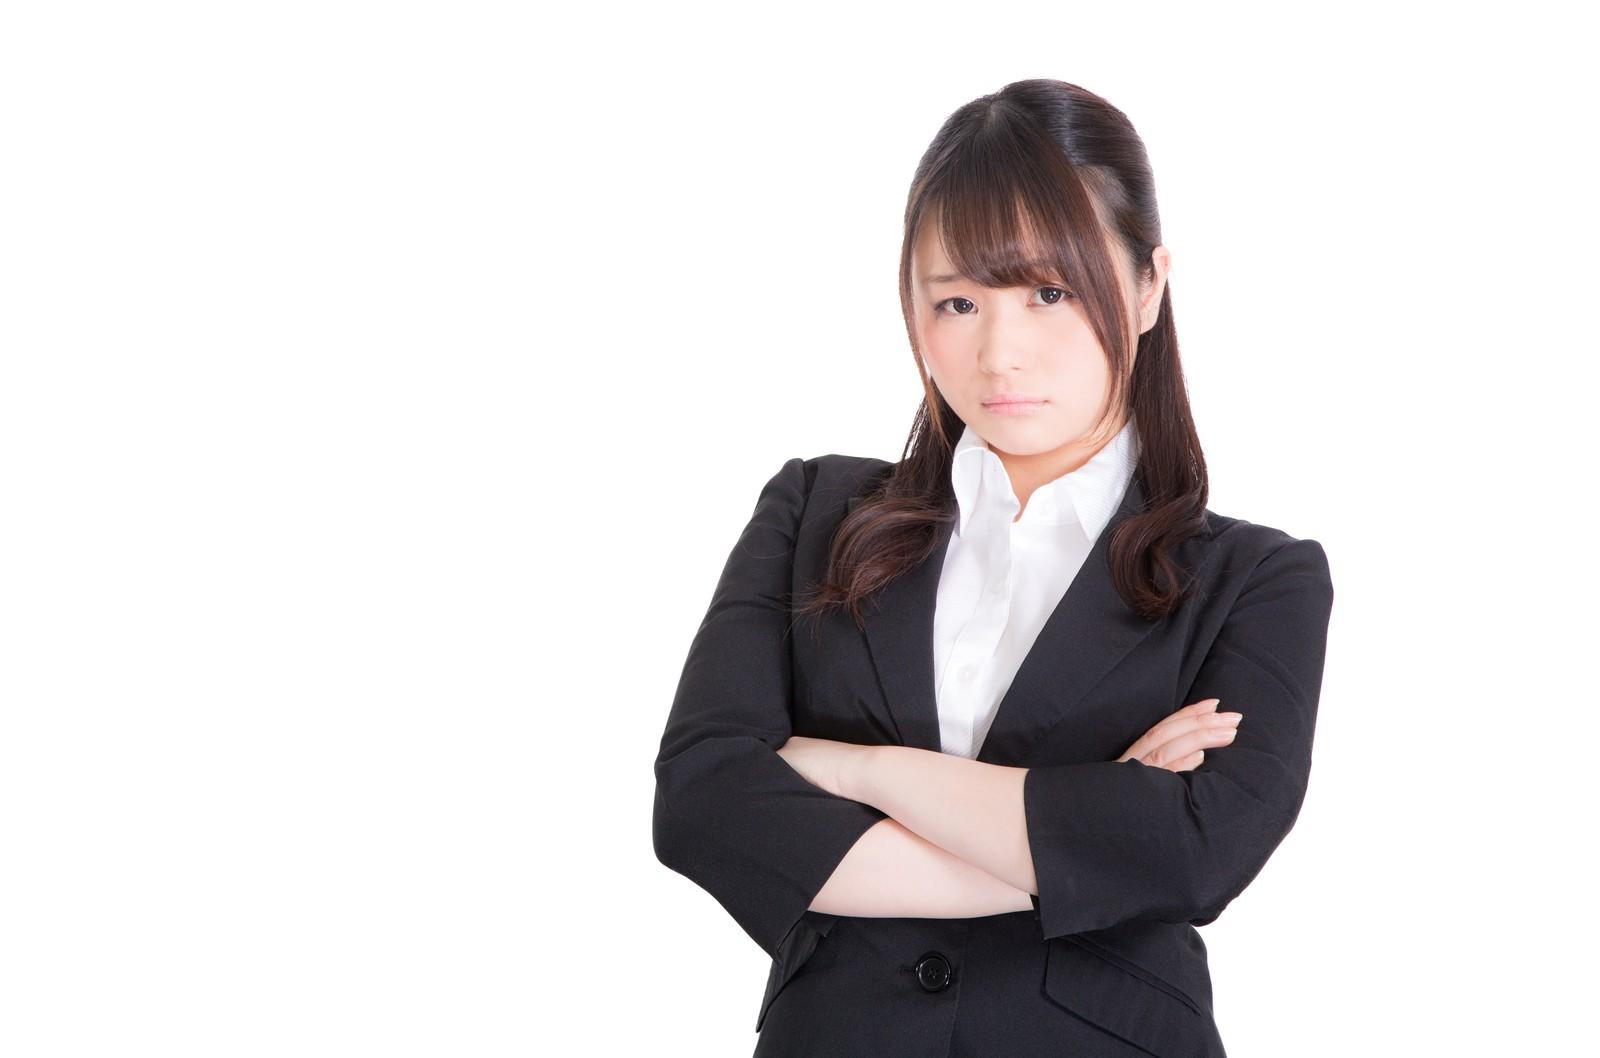 【カラオケ】女のわたしに男性歌手の曲の攻略法を教えてください!